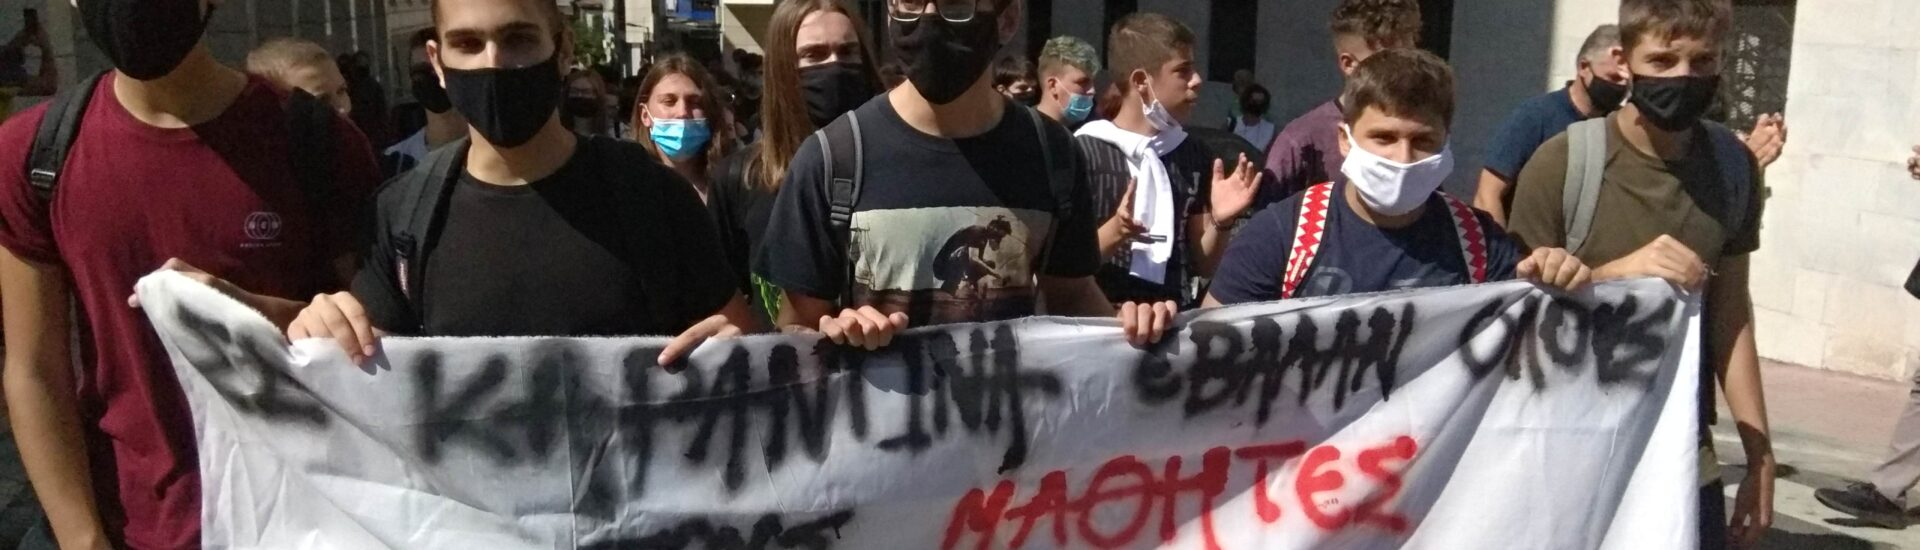 1ο ΓΕΛ Χαϊδαρίου - Σε καραντίνα έβαλαν όλους τους μαθητές και τα σχολεία άνοιξαν χωρίς ενοχές